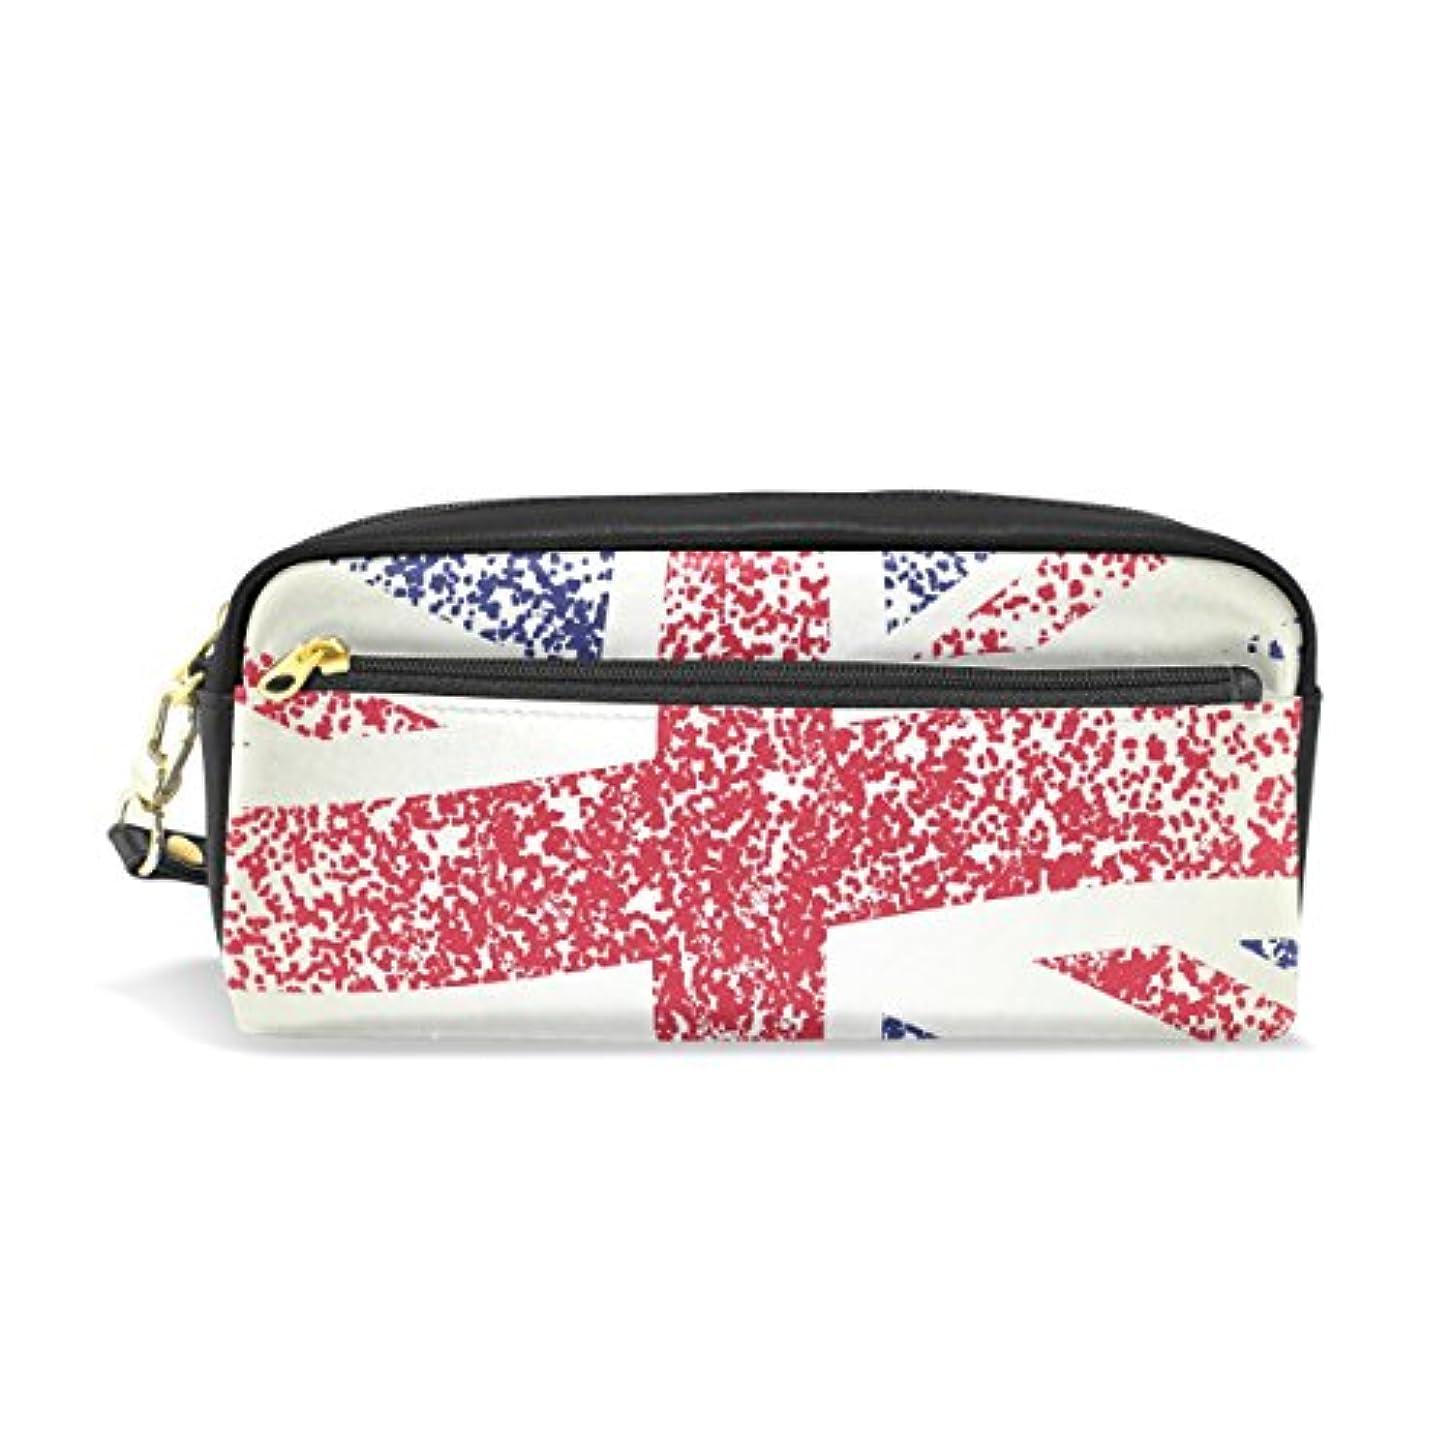 翻訳ありそう一ALAZA ユニオン ジャック 国旗 鉛筆 ケース ジッパー Pu 革製 ペン バッグ 化粧品 化粧 バッグ ペン 文房具 ポーチ バッグ 大容量